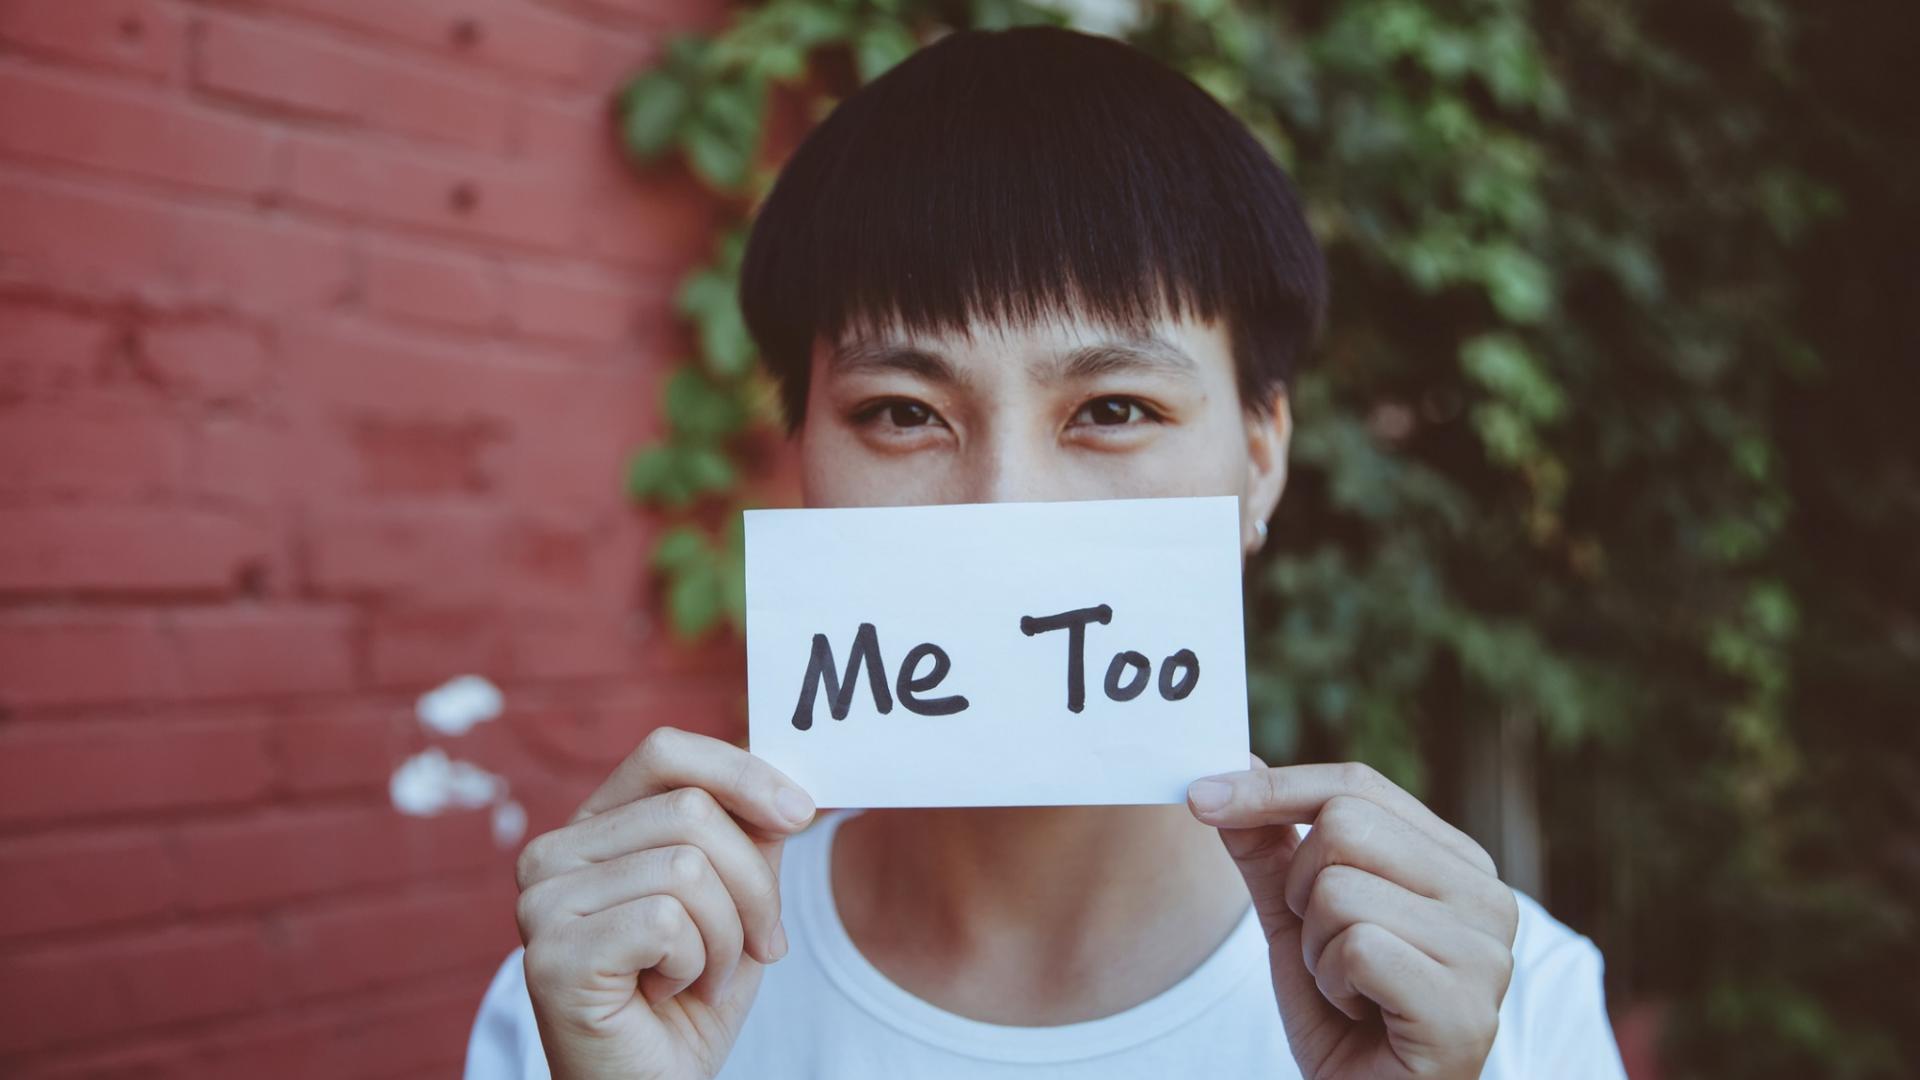 Mann asiatischer Abstammung mit weißem Shirt und MeeToo-Schild